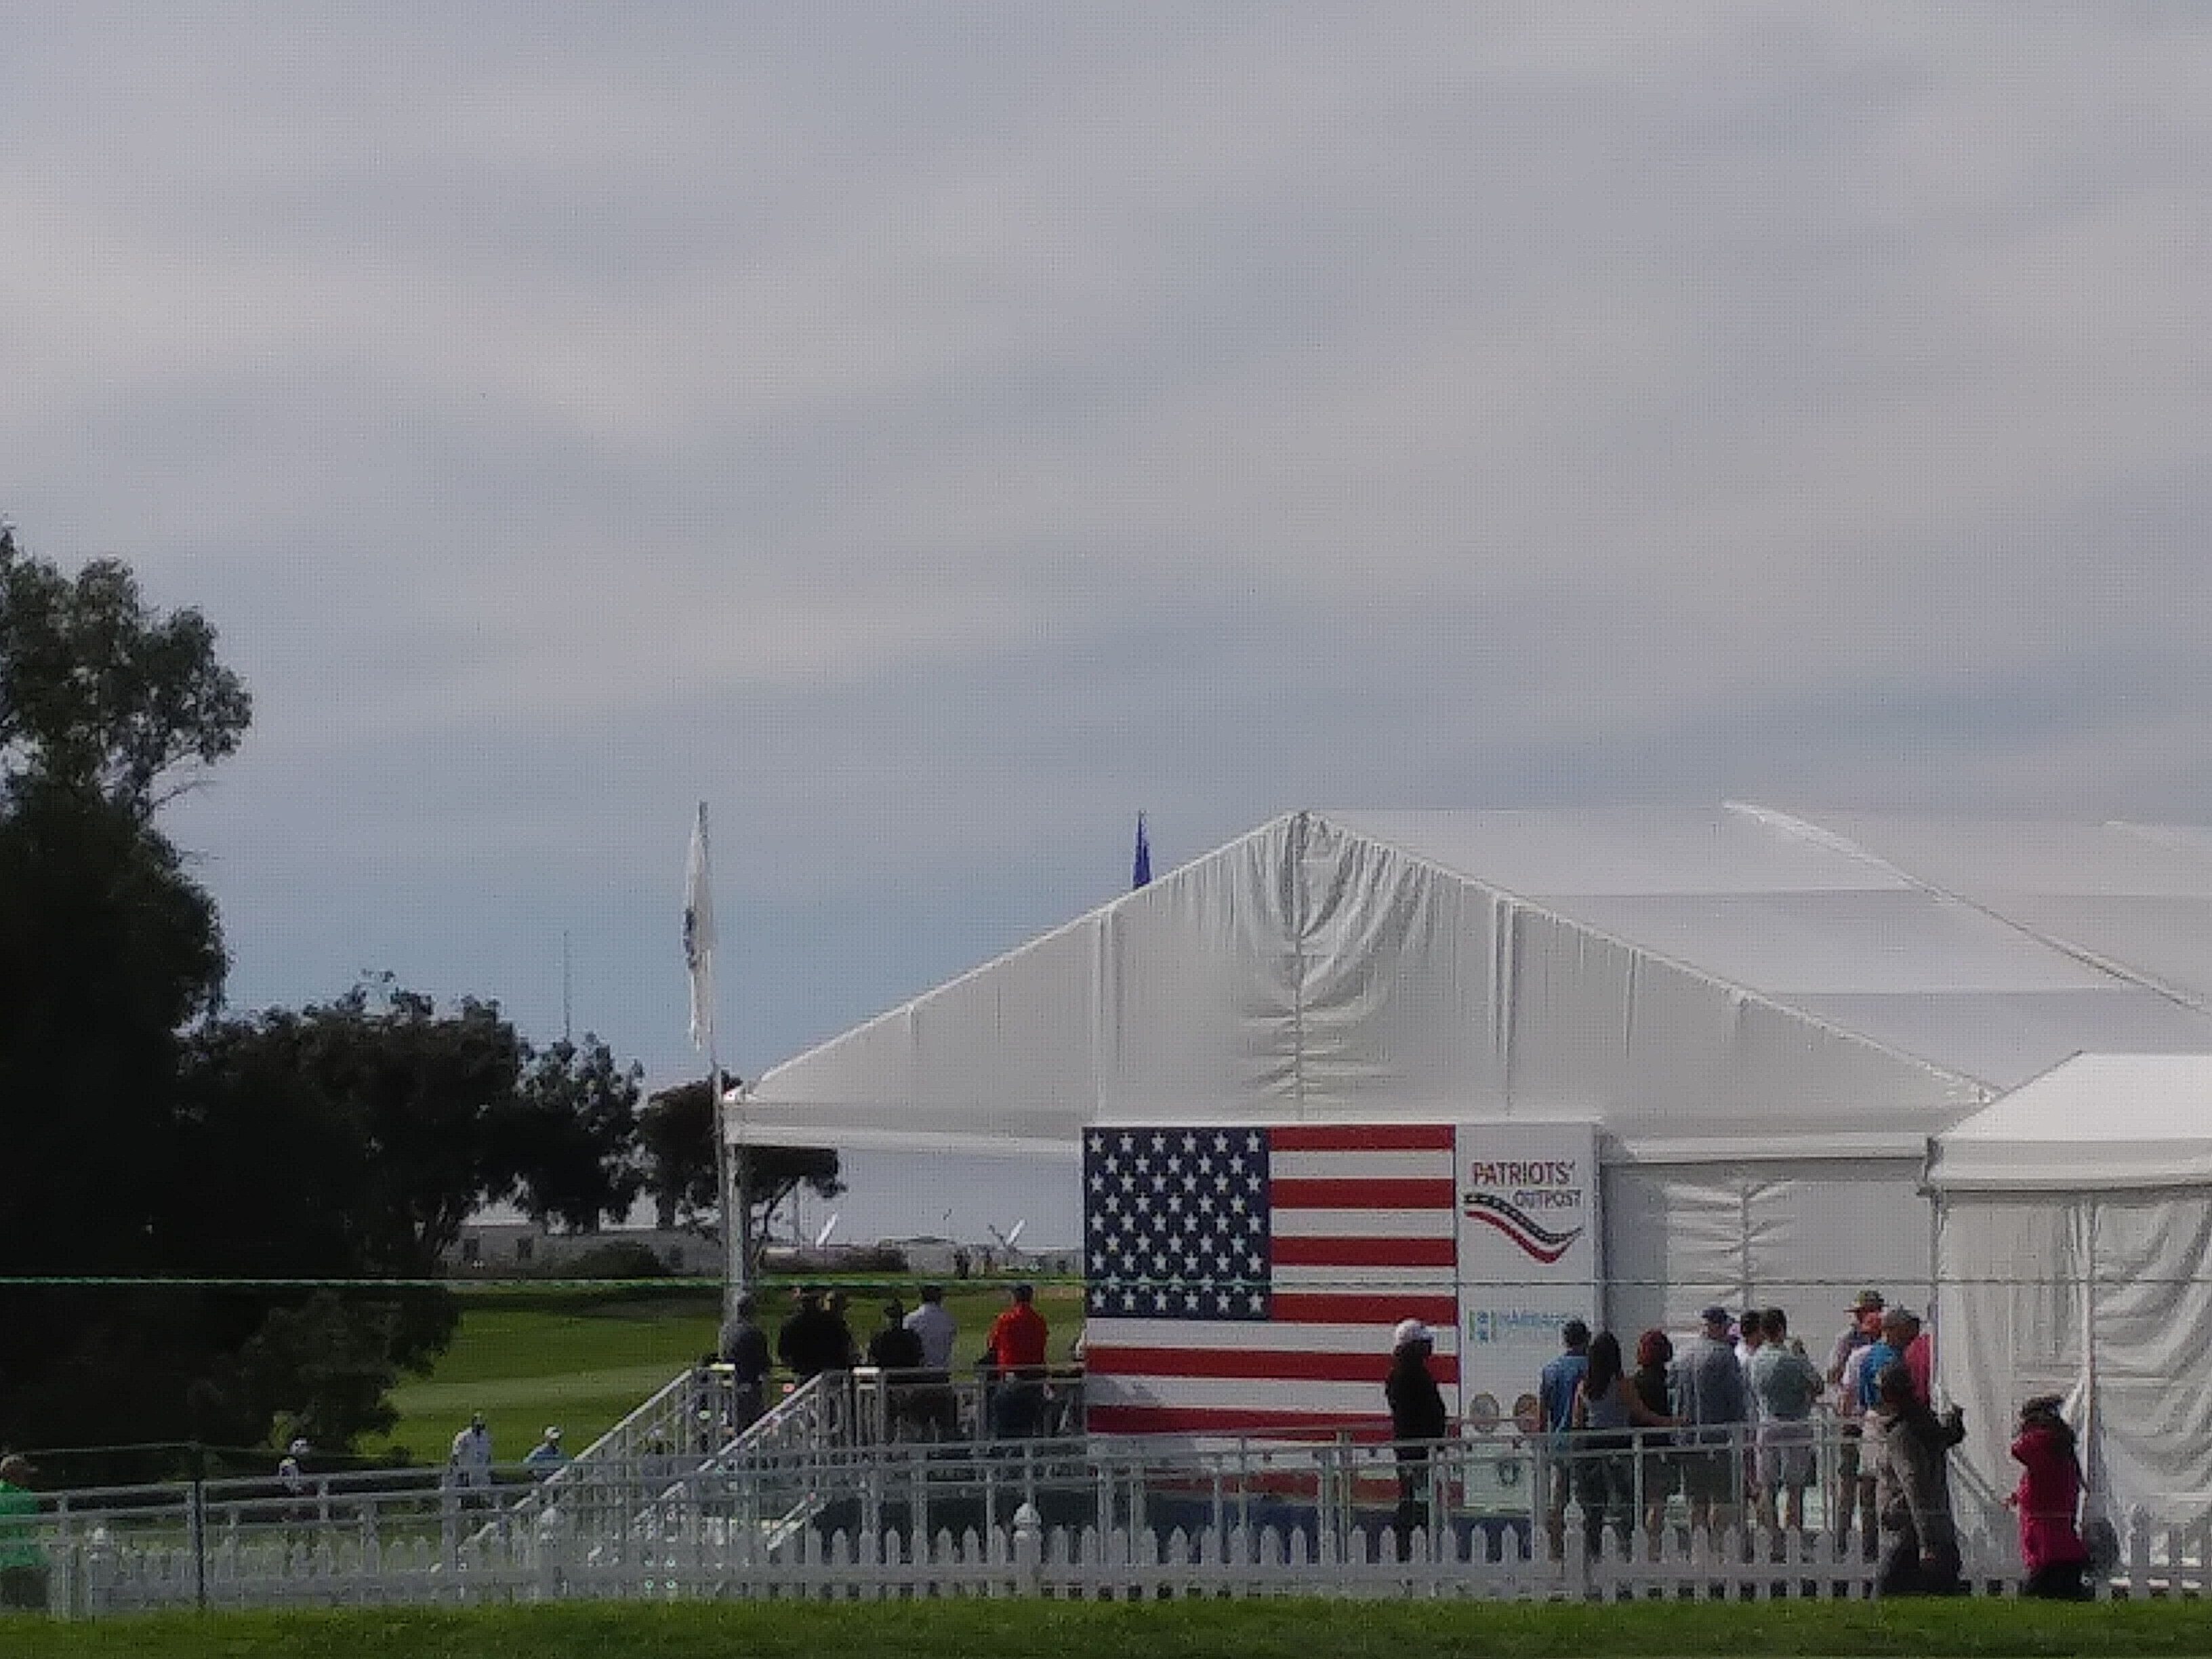 Patriots Tent. PGA Golf Tournament. Torrey Pines, California. Fitlifeandtravel.com